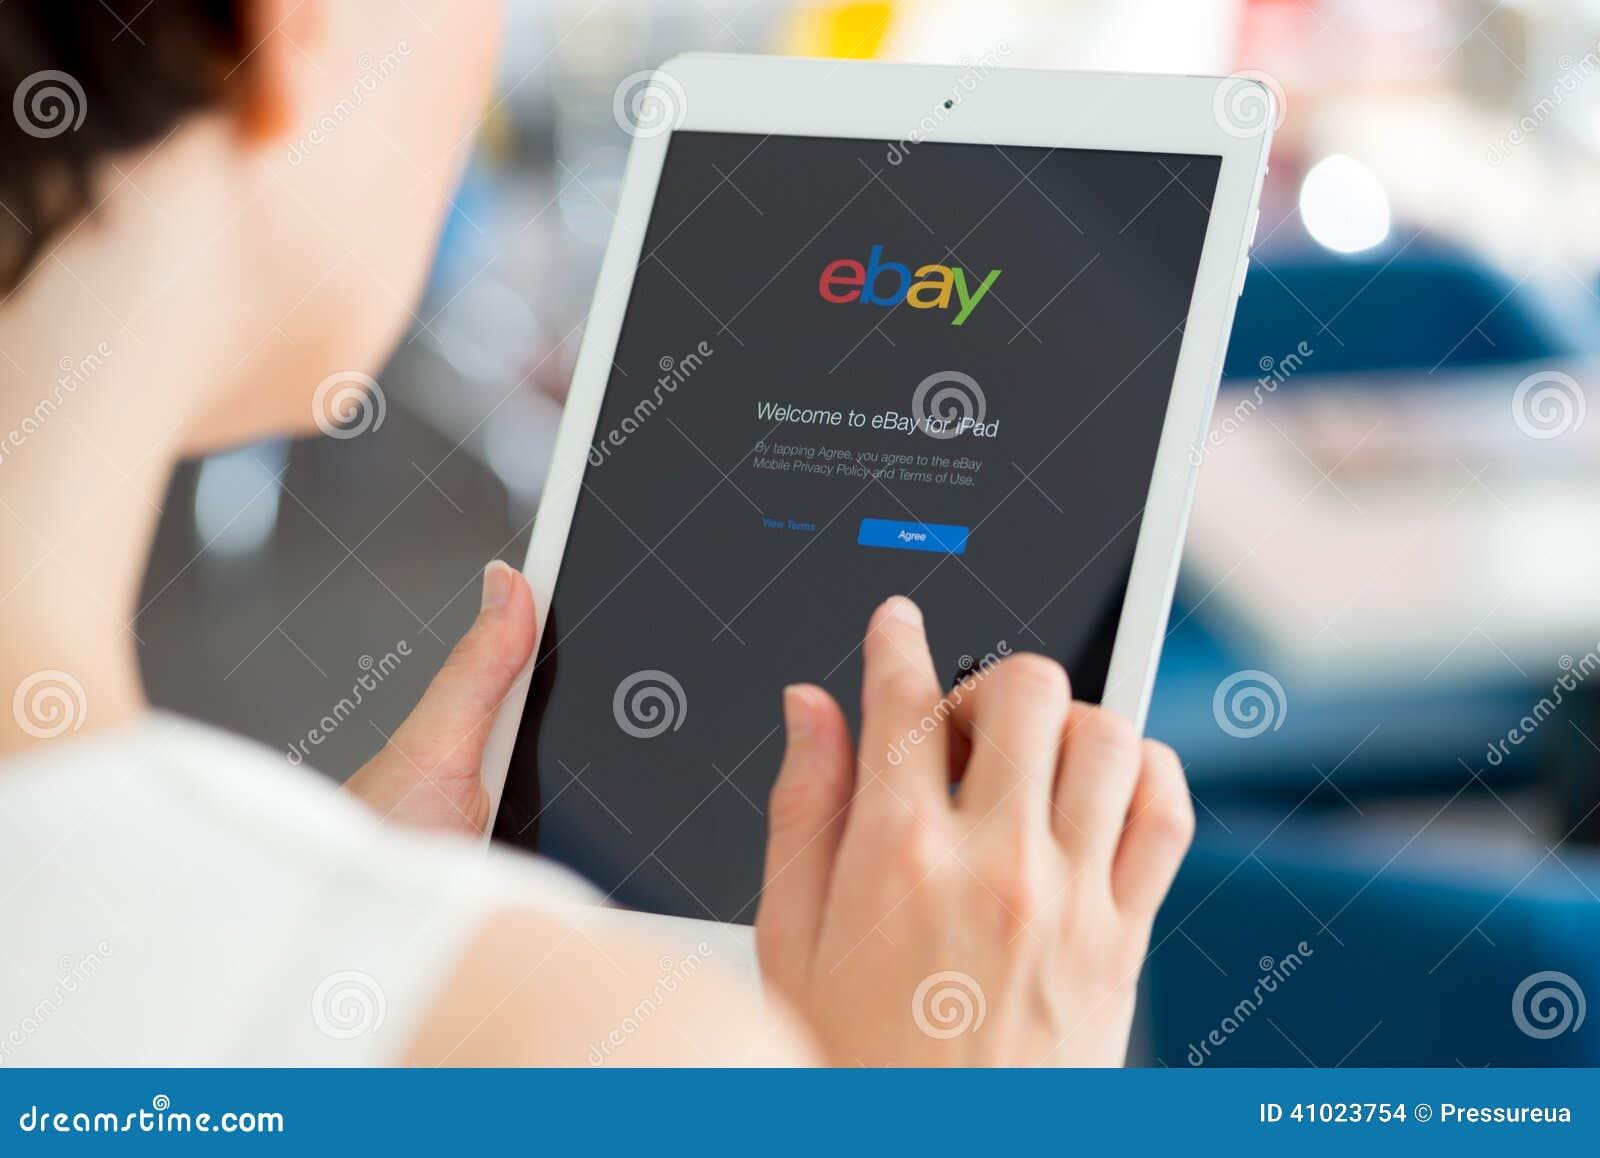 Ebay-toepassing op de Lucht van Apple iPad